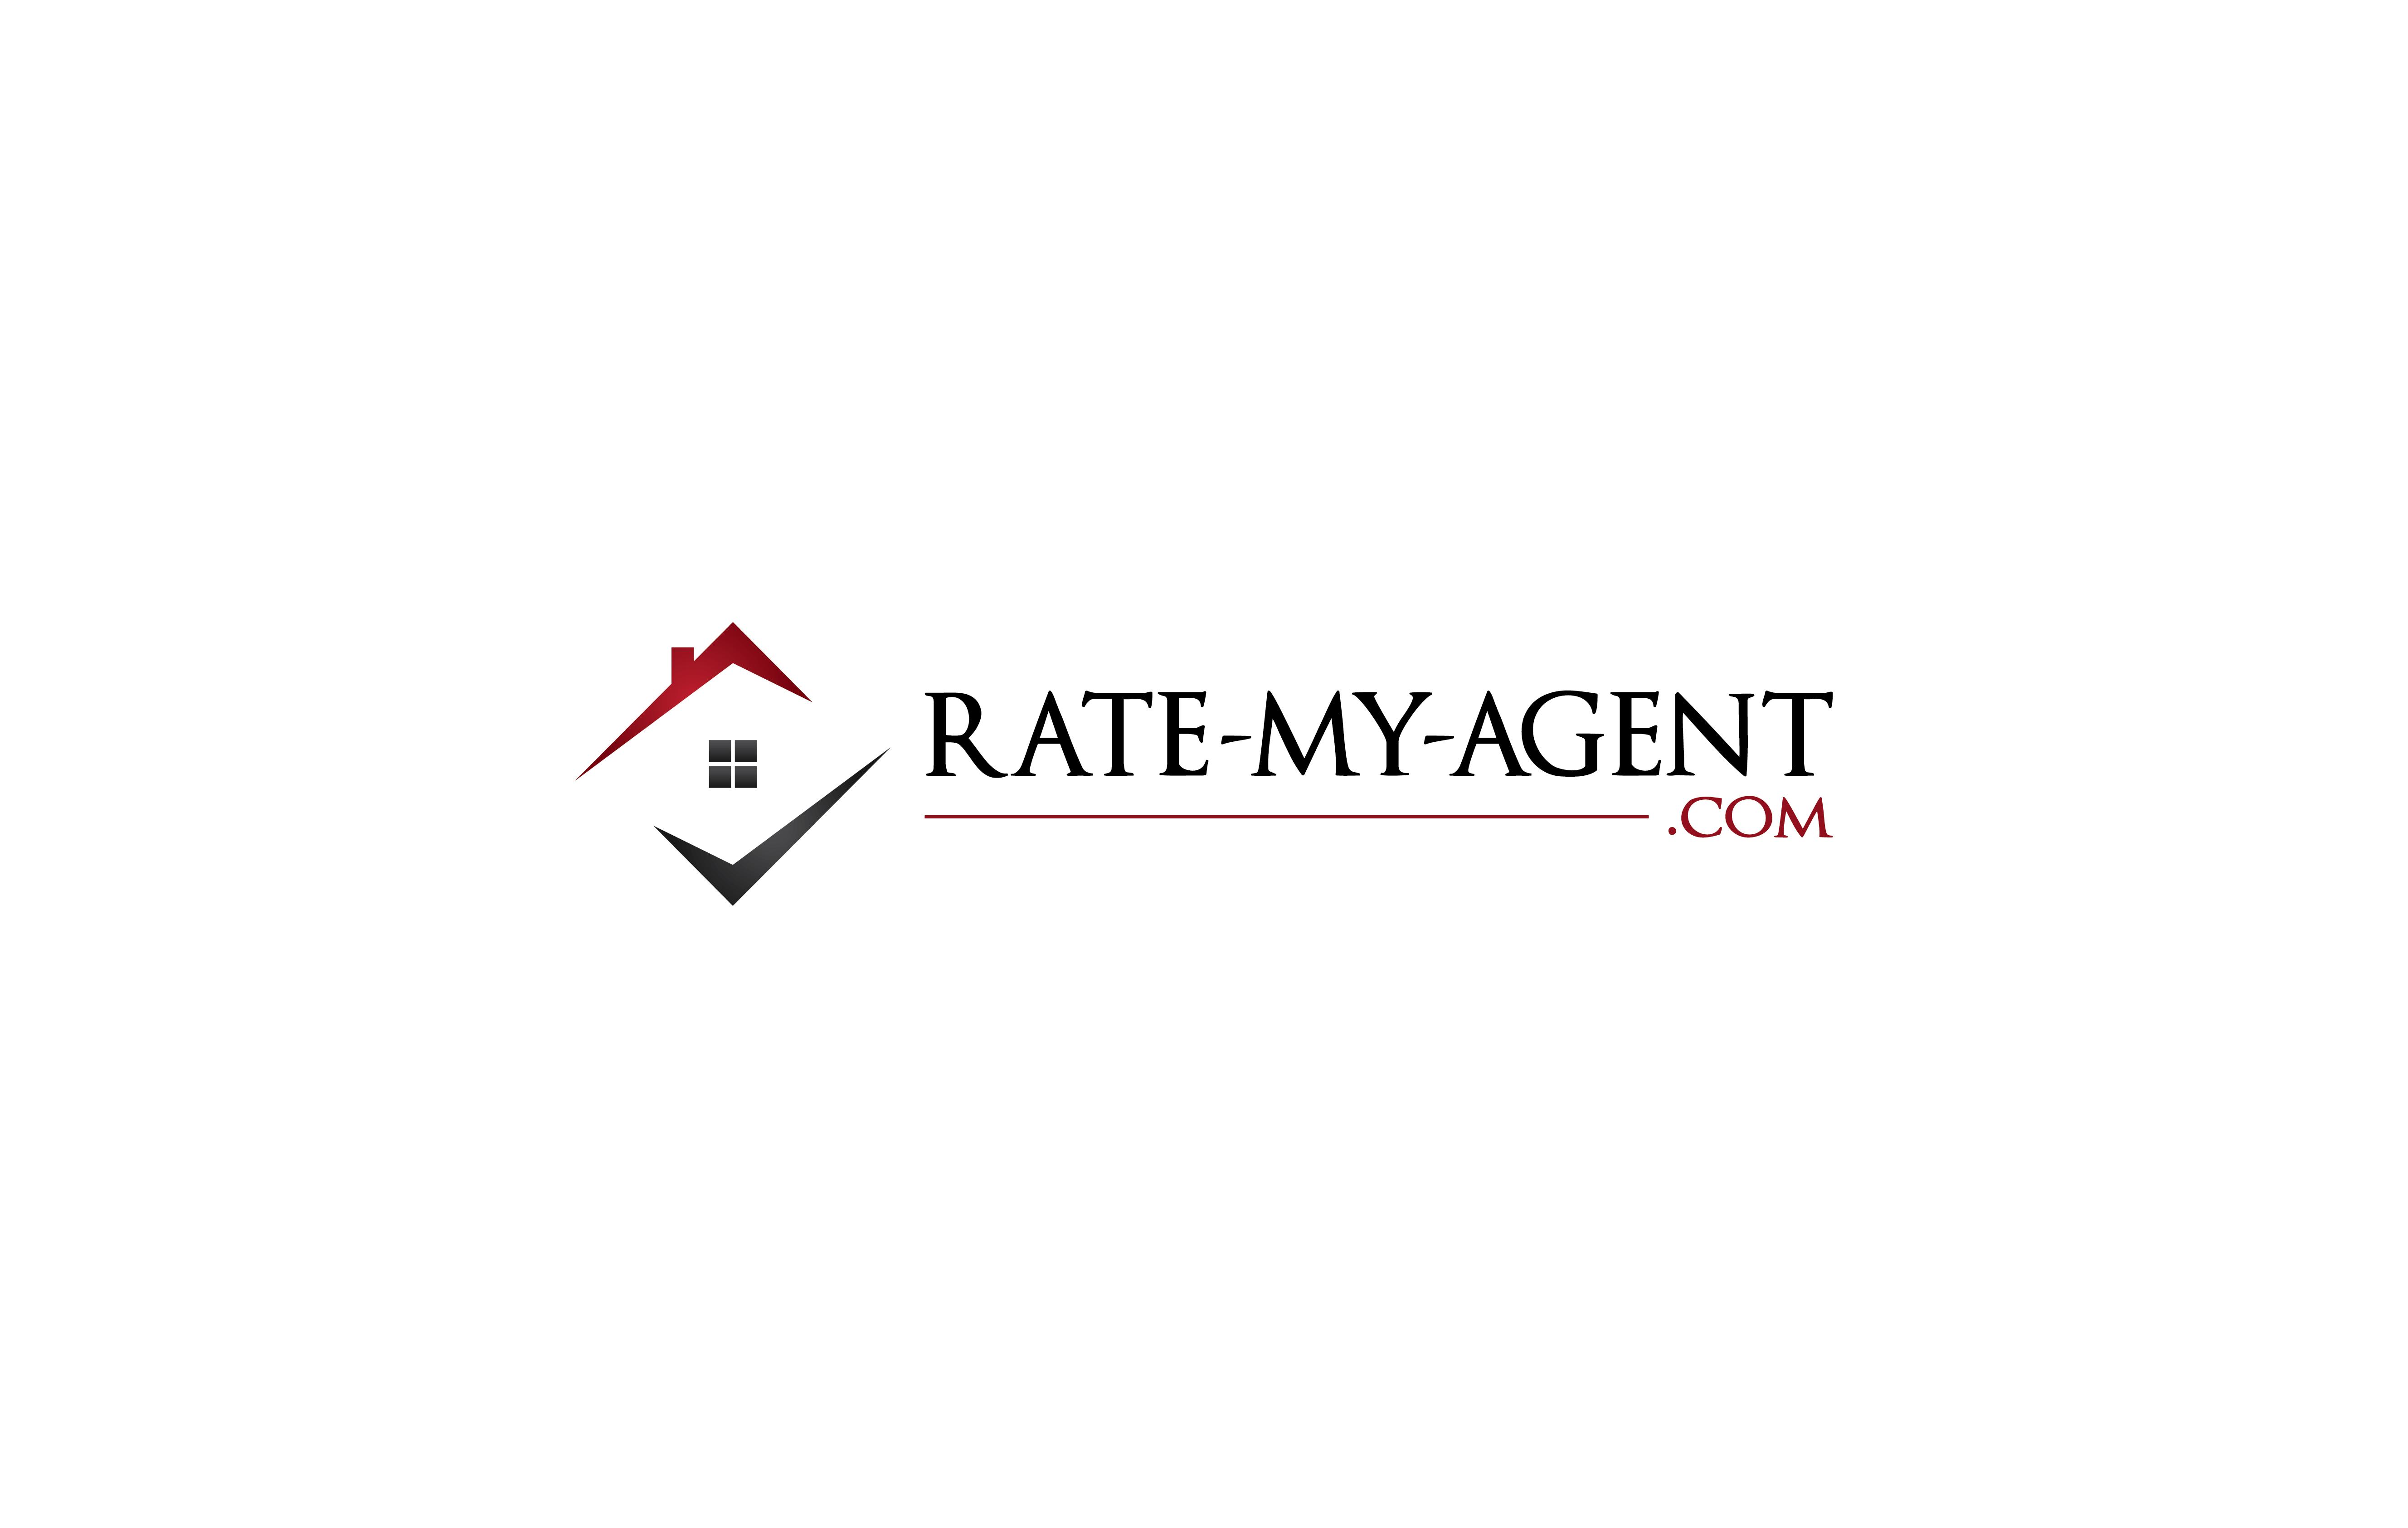 Rate-My-Agent.com Logos